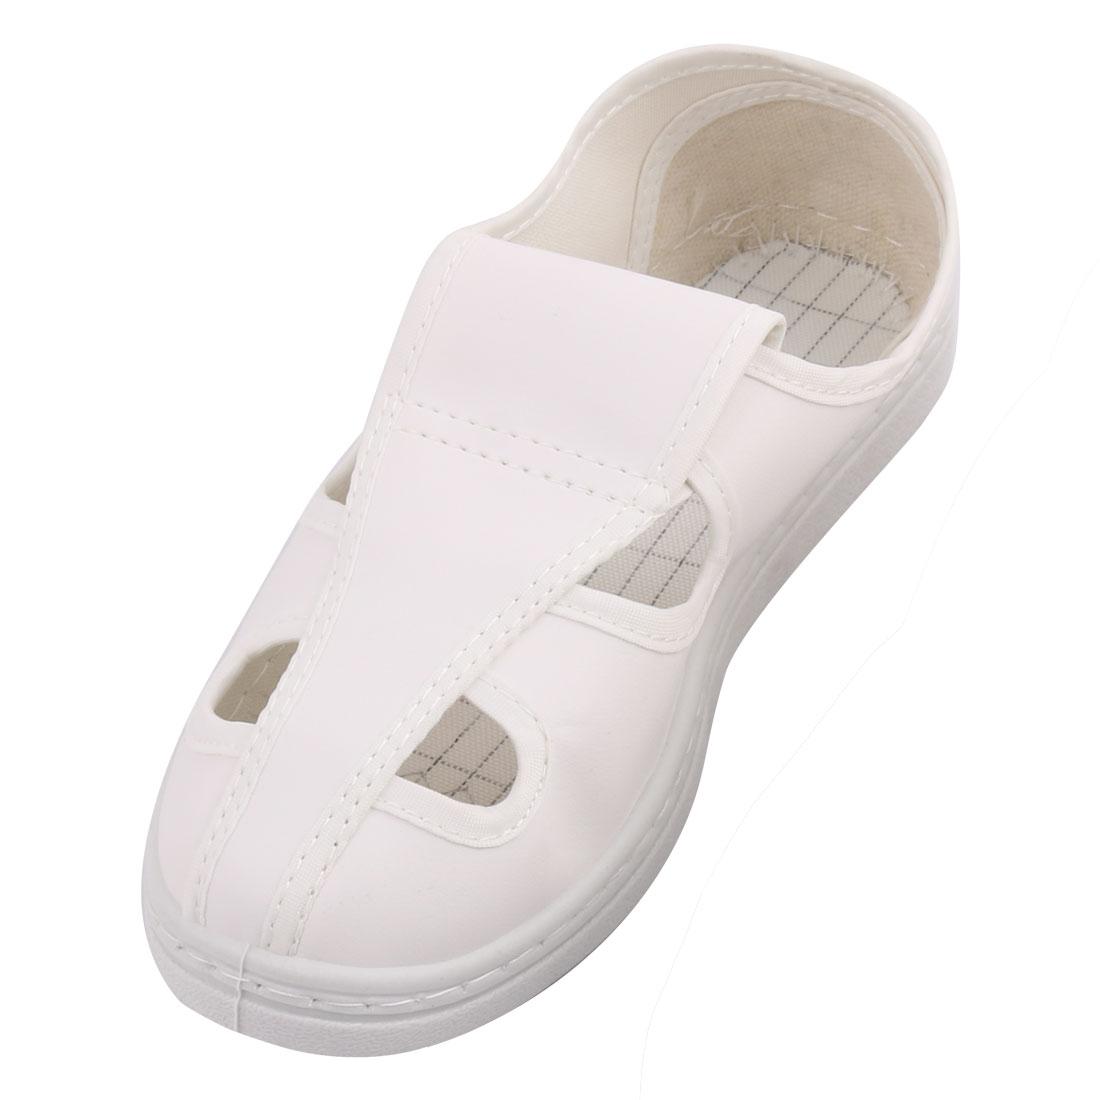 US8 UK7 EU41 PU Hard Bottom Nonslip Flat Sole Anti-static 4-Hole Leather Shoes